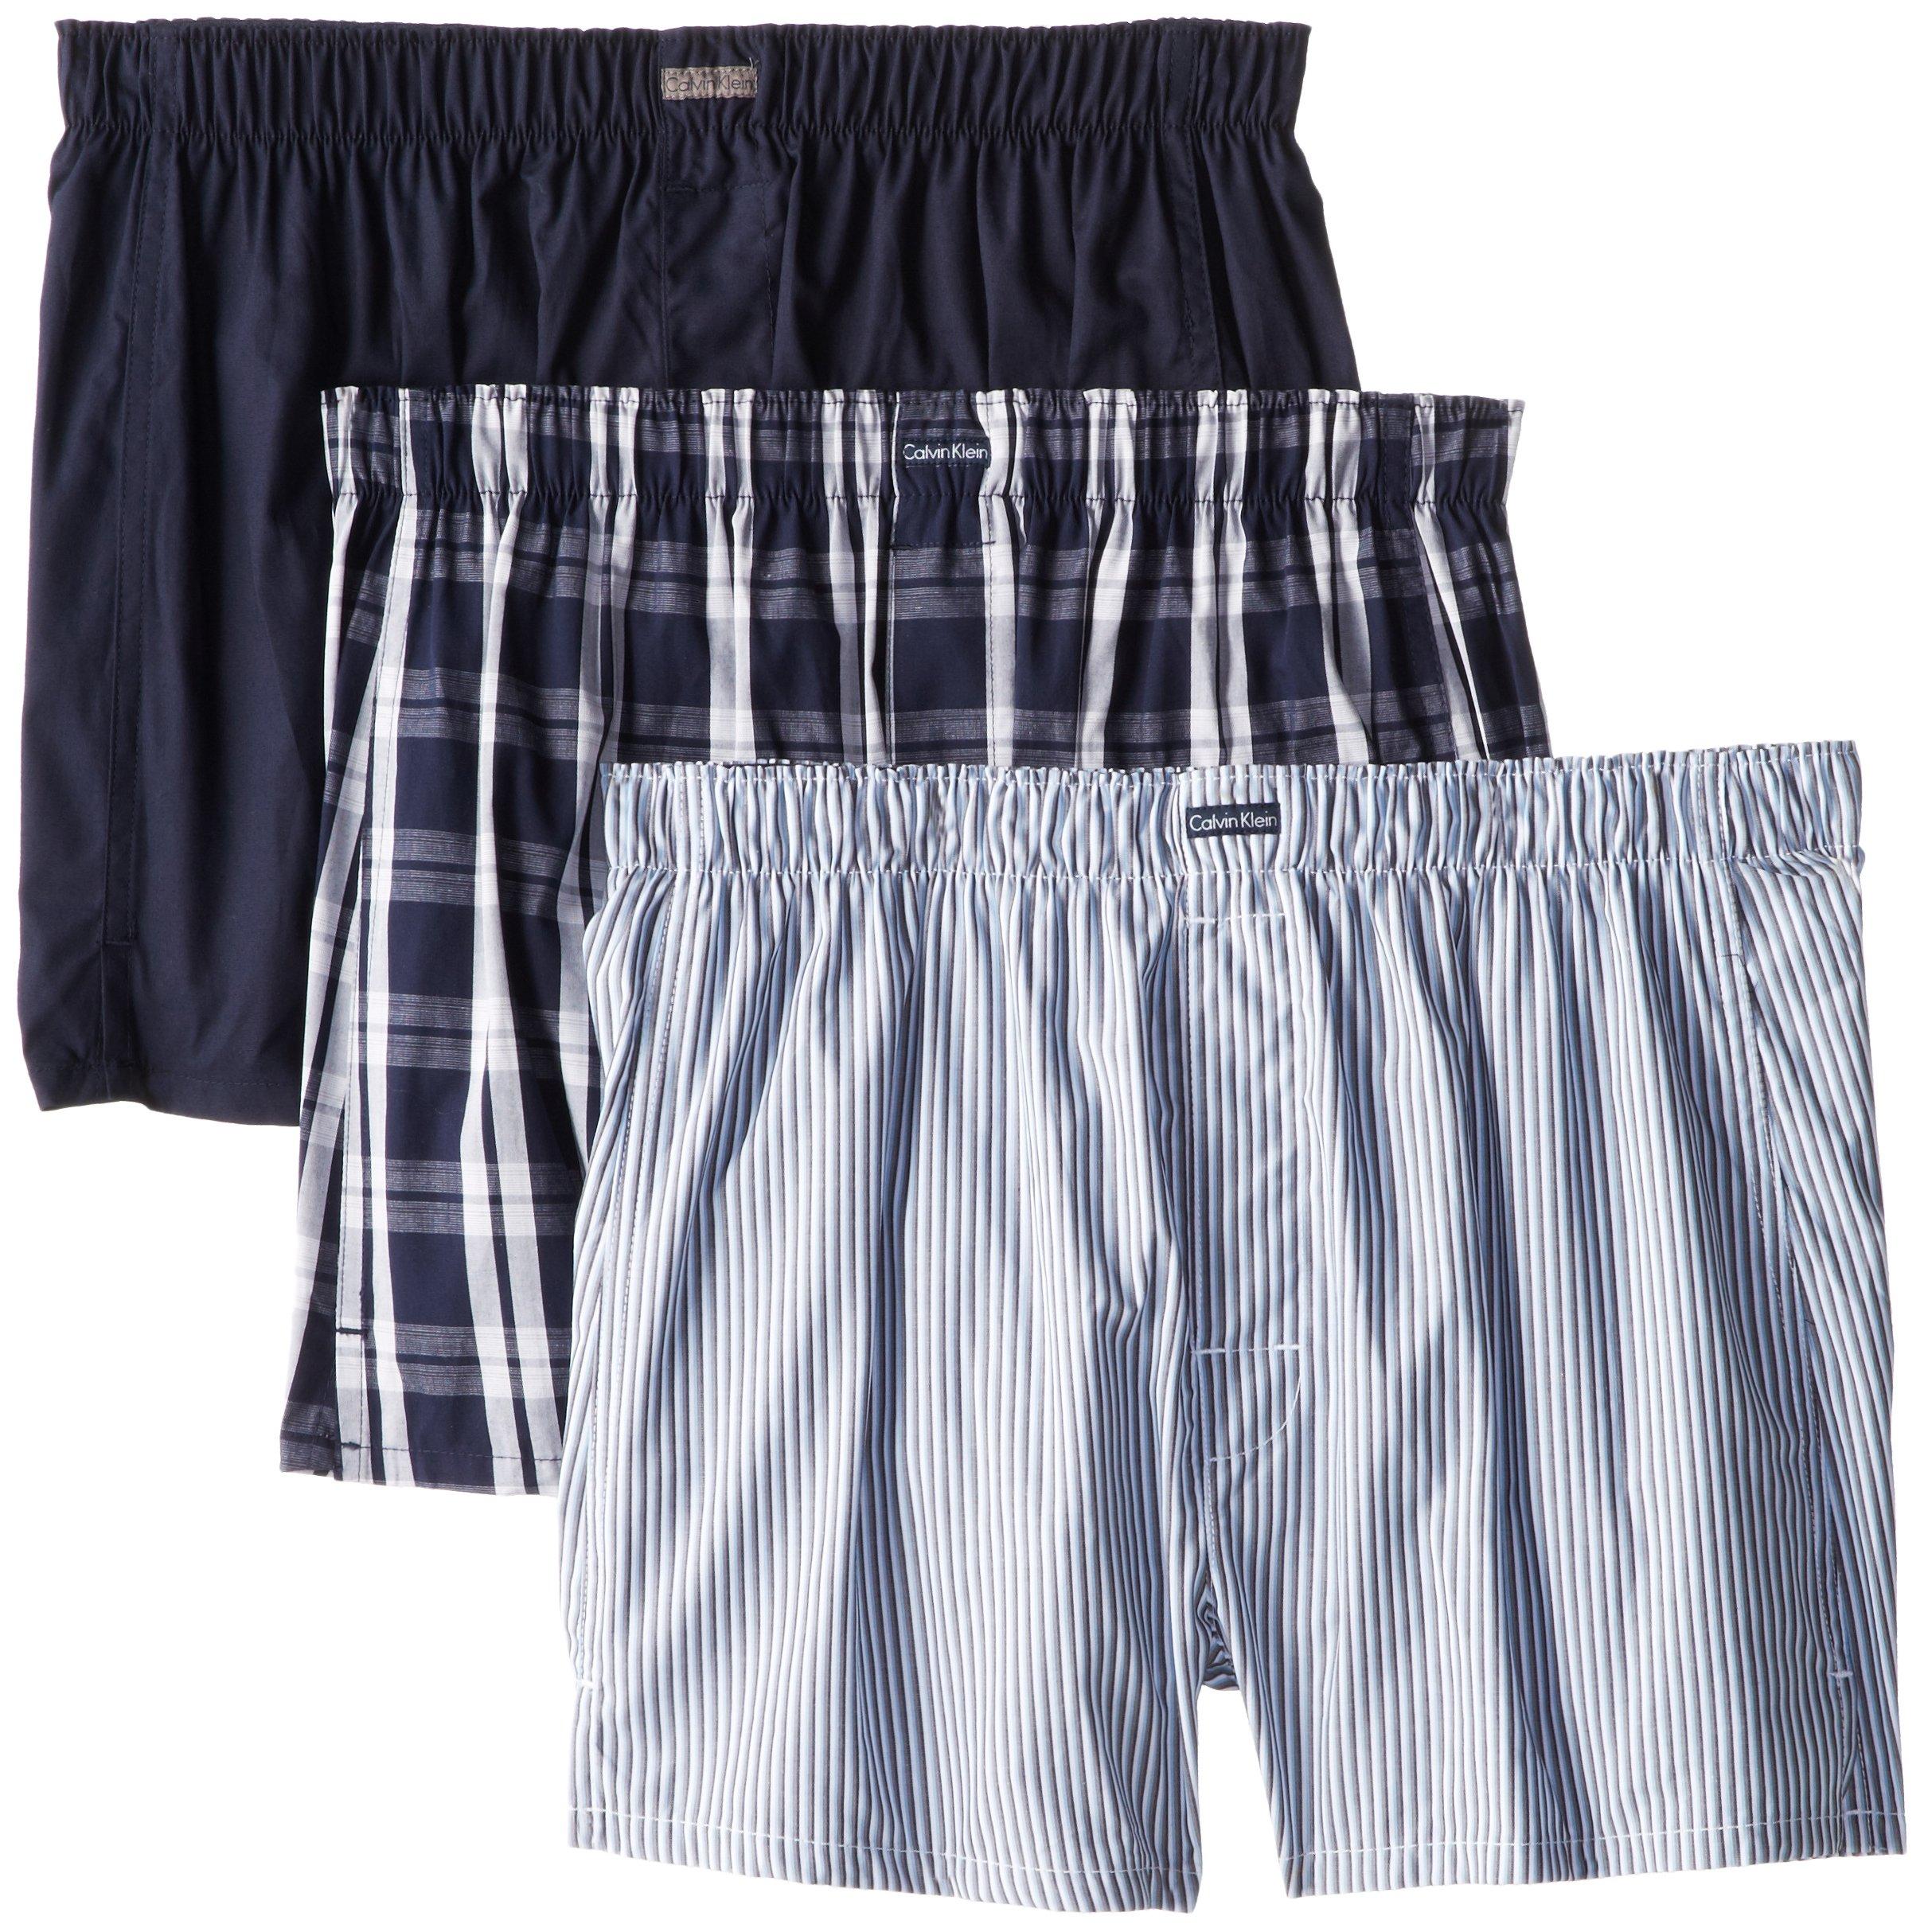 Calvin Klein Men's Underwear 3 Pack Cotton Classic Woven Boxers, Montague Stripe/Tide/Morgan Plaid, Medium